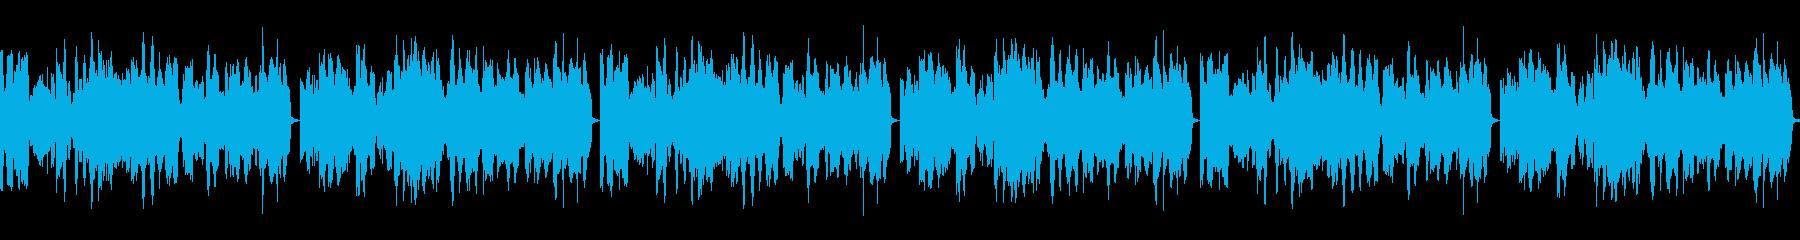 アイネクライネナハトムジークのループ仕様の再生済みの波形